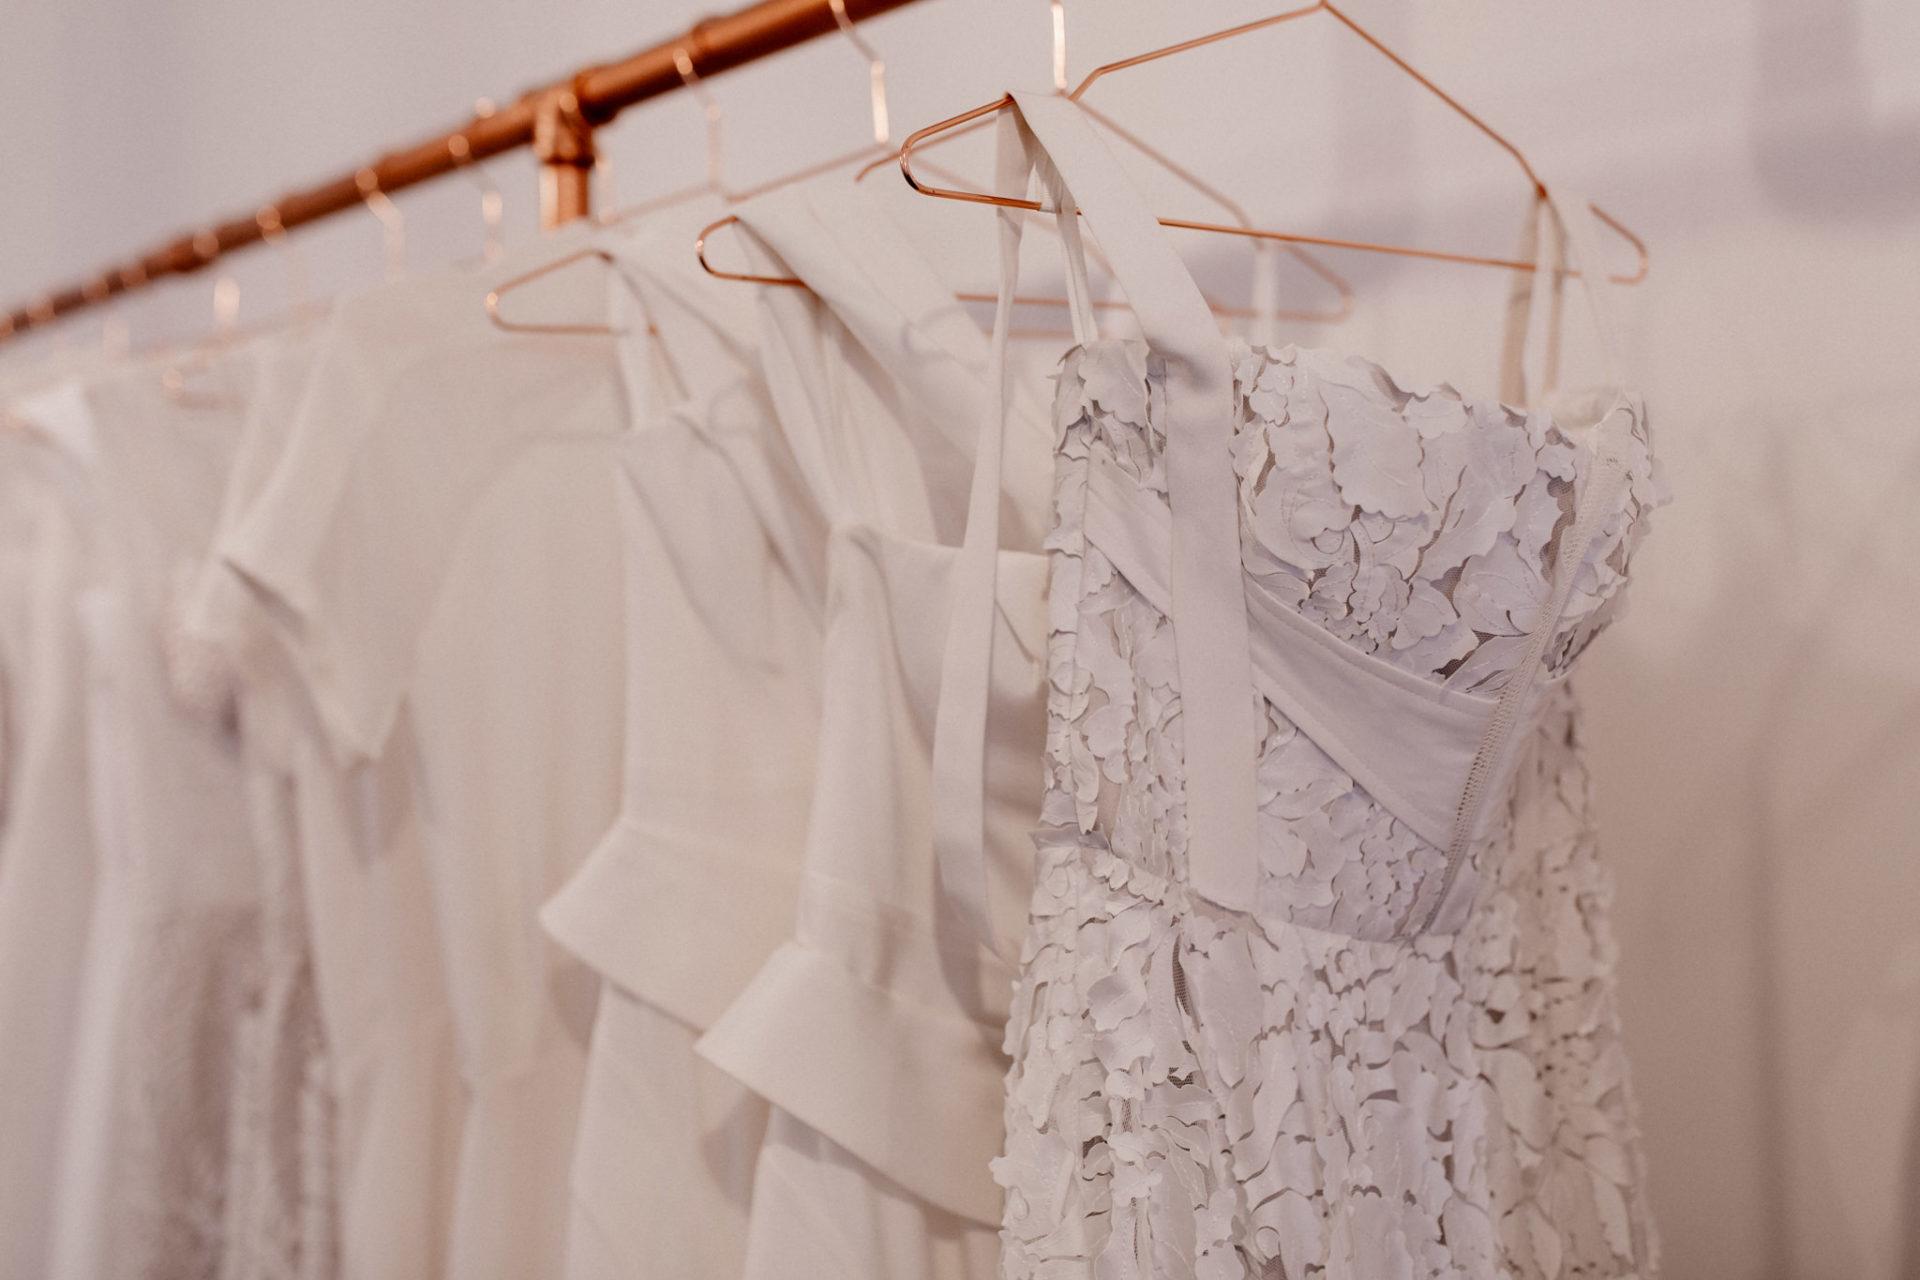 kreative-brautmode-australien-couture-georgia-young-studio-umkleidekabine-brautkleid-aussuchen-auswahl